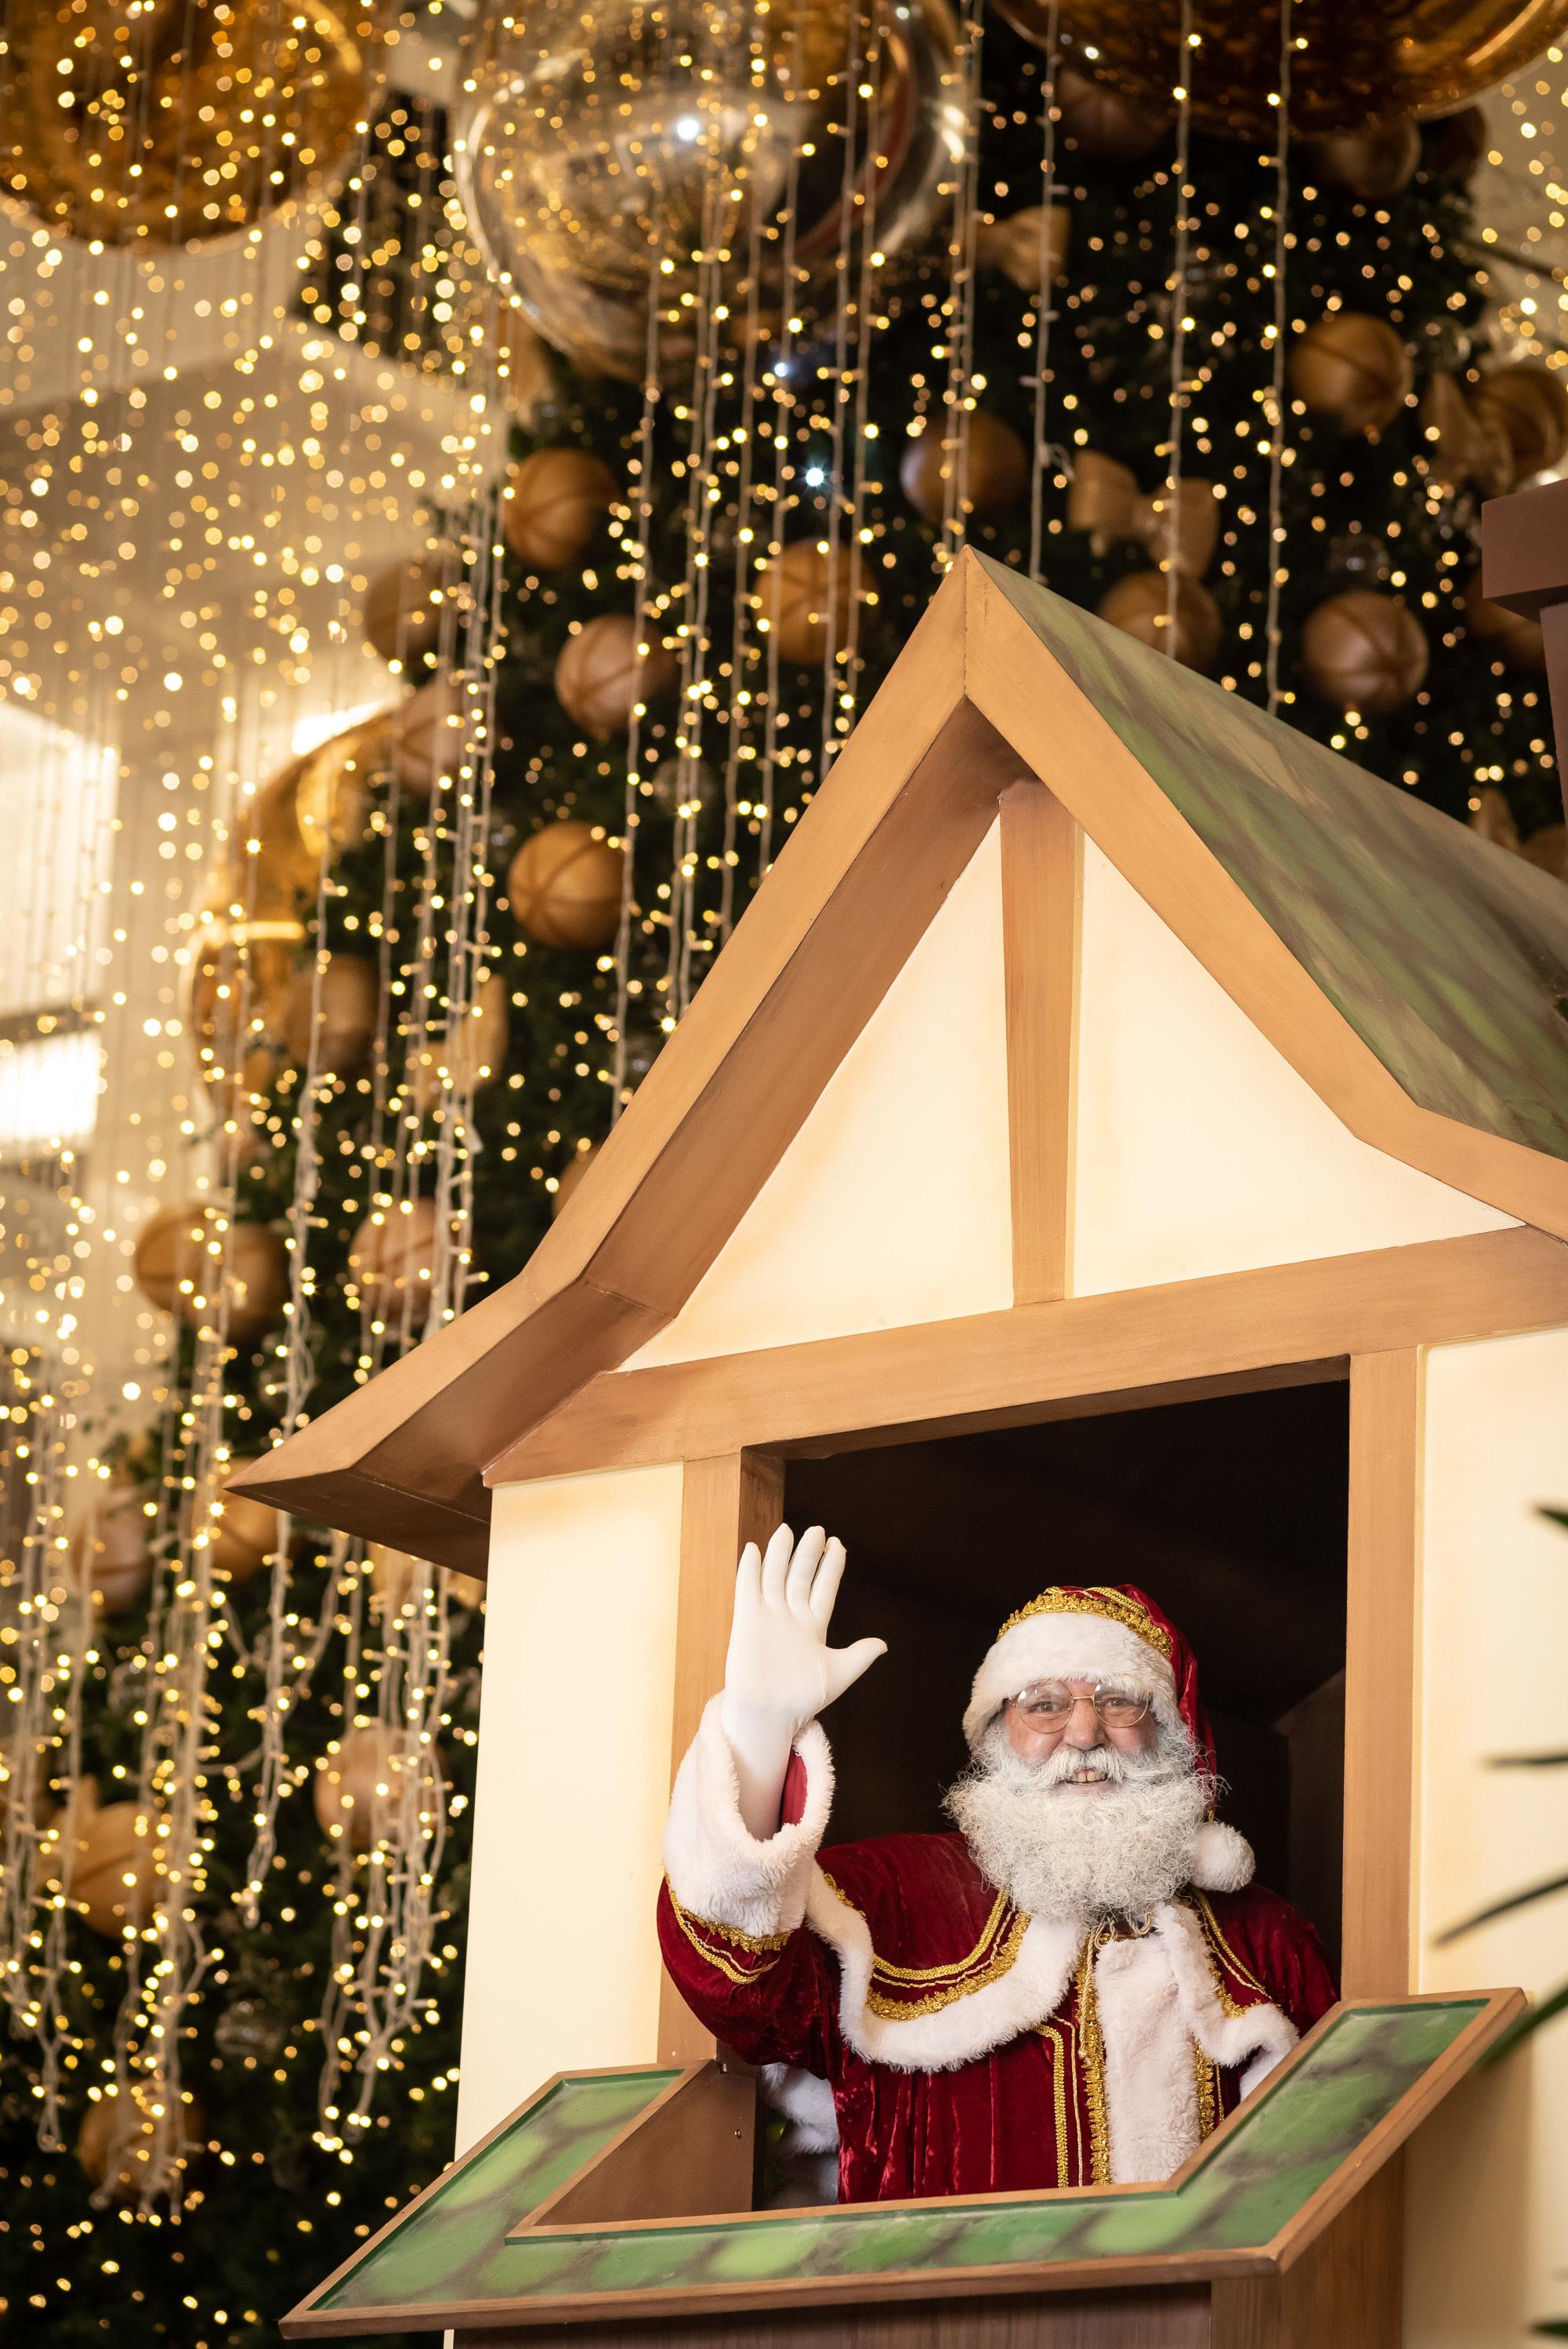 5c6a3e6f ce03 4045 a842 d4641087a09f No Natal, Taguatinga Shopping celebra seus 20 anos com decoração especial comemorativa